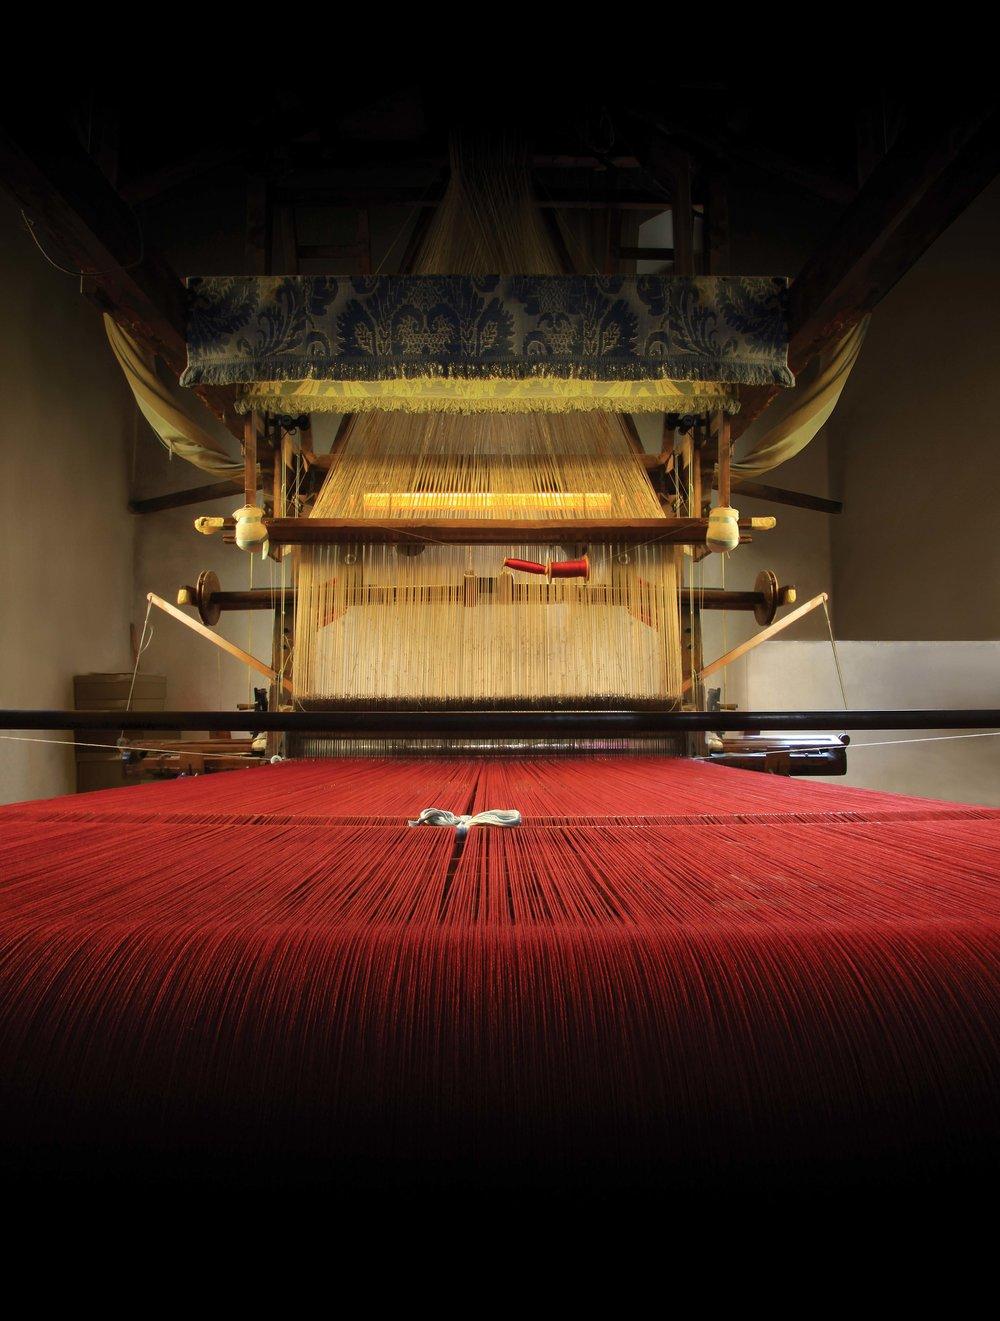 始於1786年的真絲織物紡織廠Antico Setificio Fiorentino,是現存的歷史最悠久的紡織廠之一,其採用傳統工藝紡織的華麗織錦,深受全世界王室貴族們的青睞。